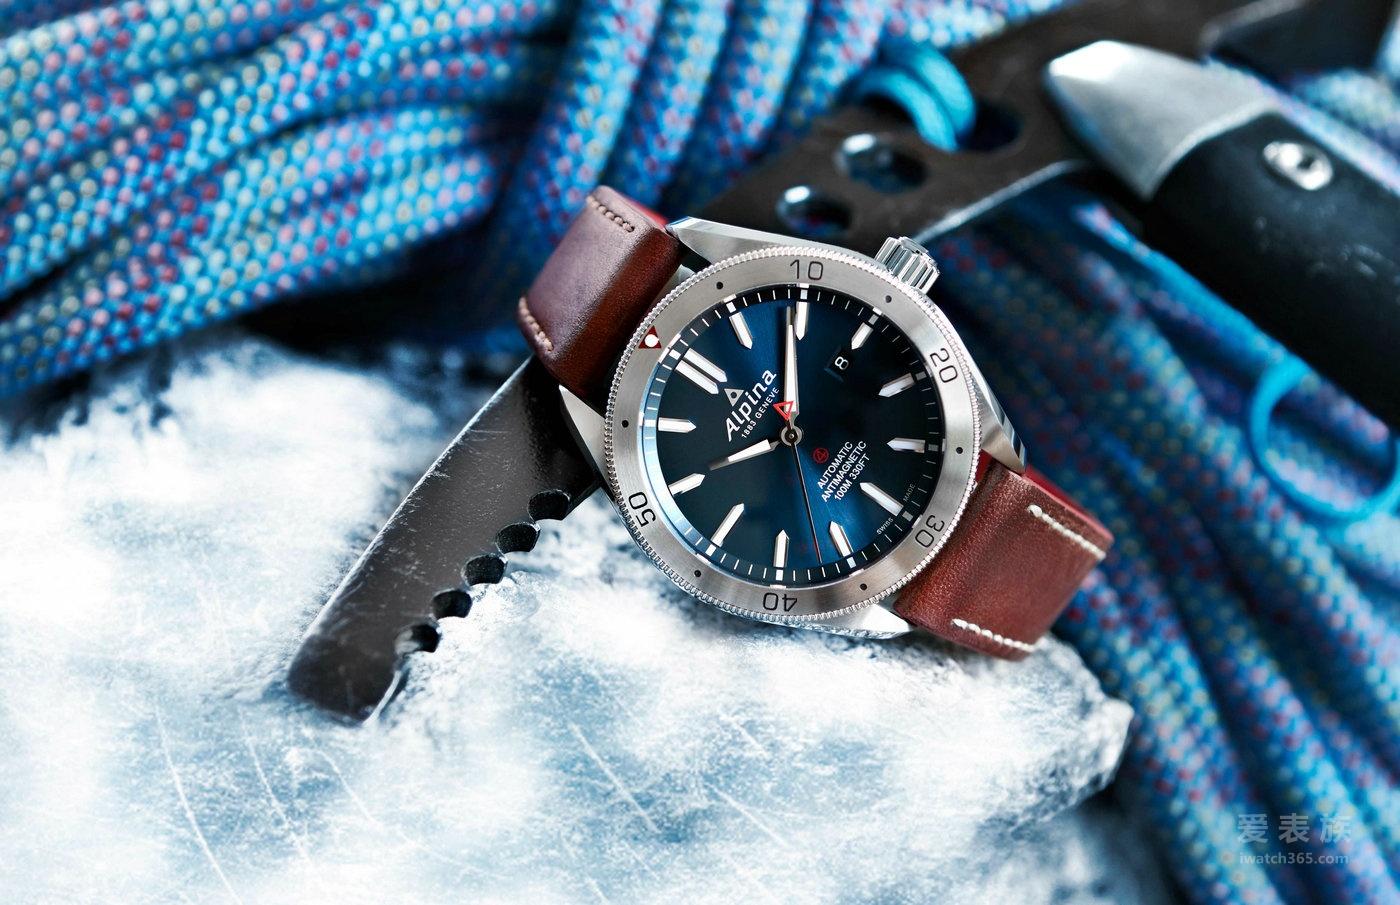 艾沛勒为Alpiner 极岭 4系列增添2款新成员:全新自动腕表及商旅两地时区自动腕表